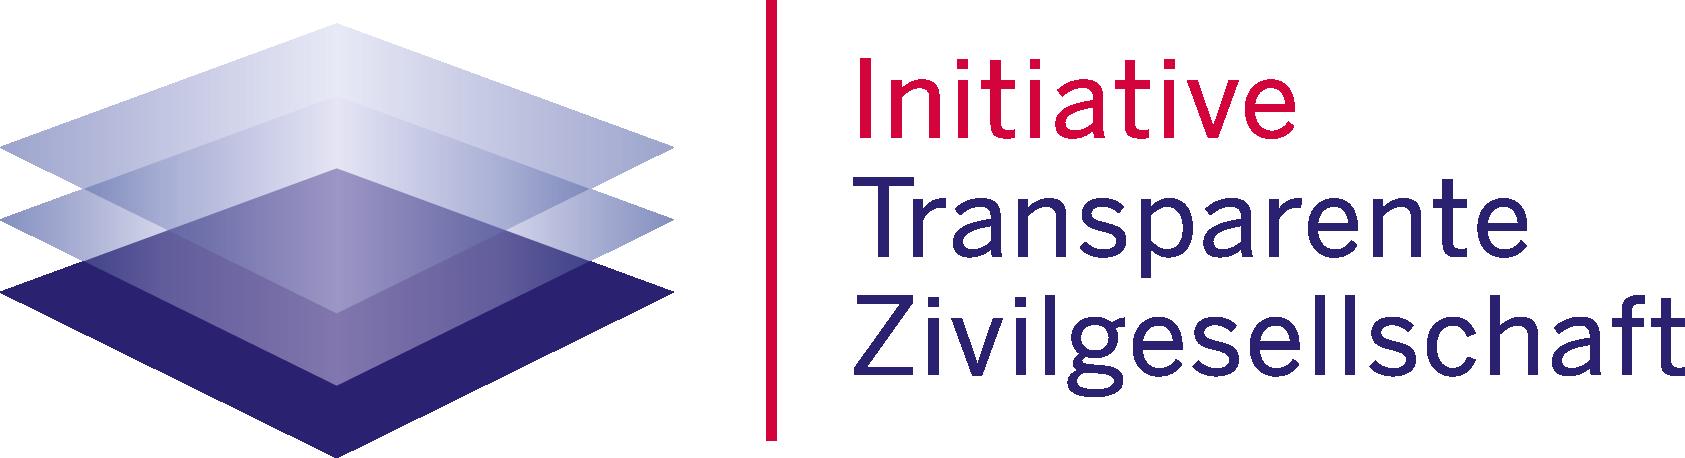 Logo Transparente Zivilgesellschaft - Aktiv werden